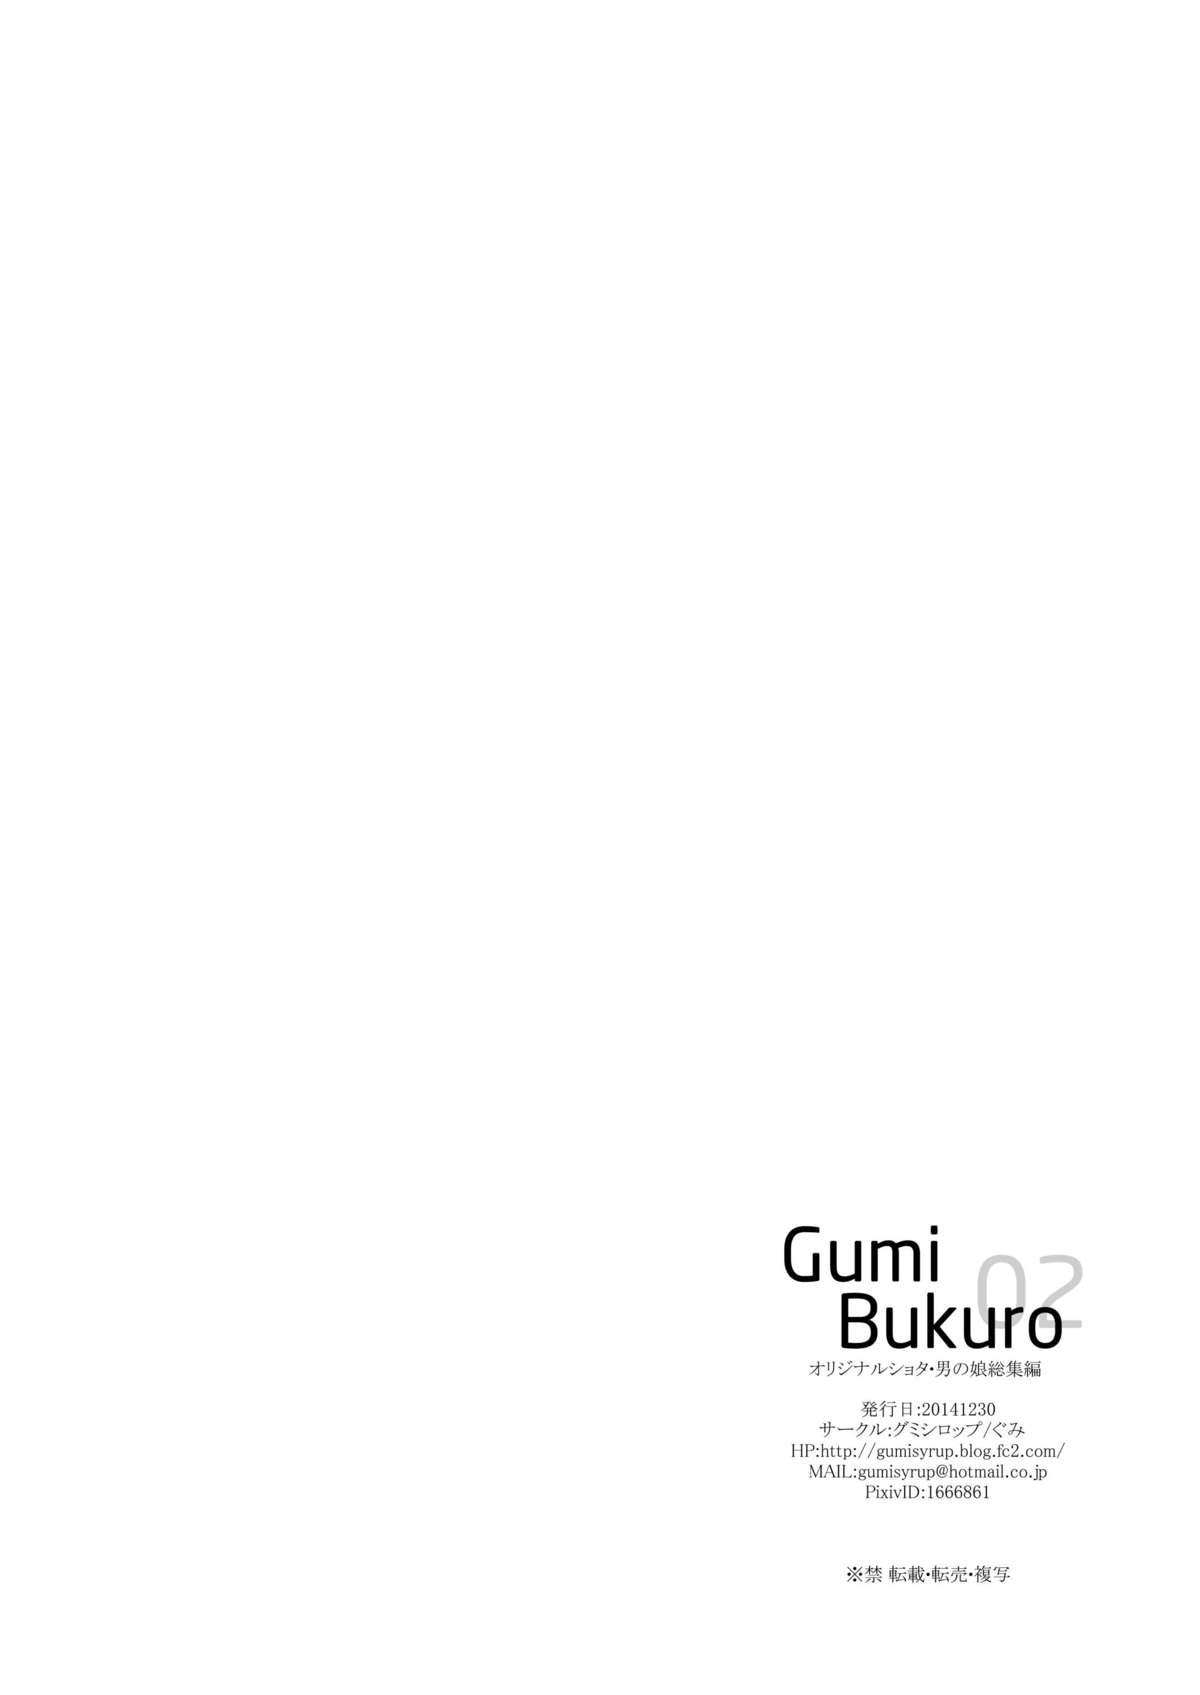 GumiBukuro02 93